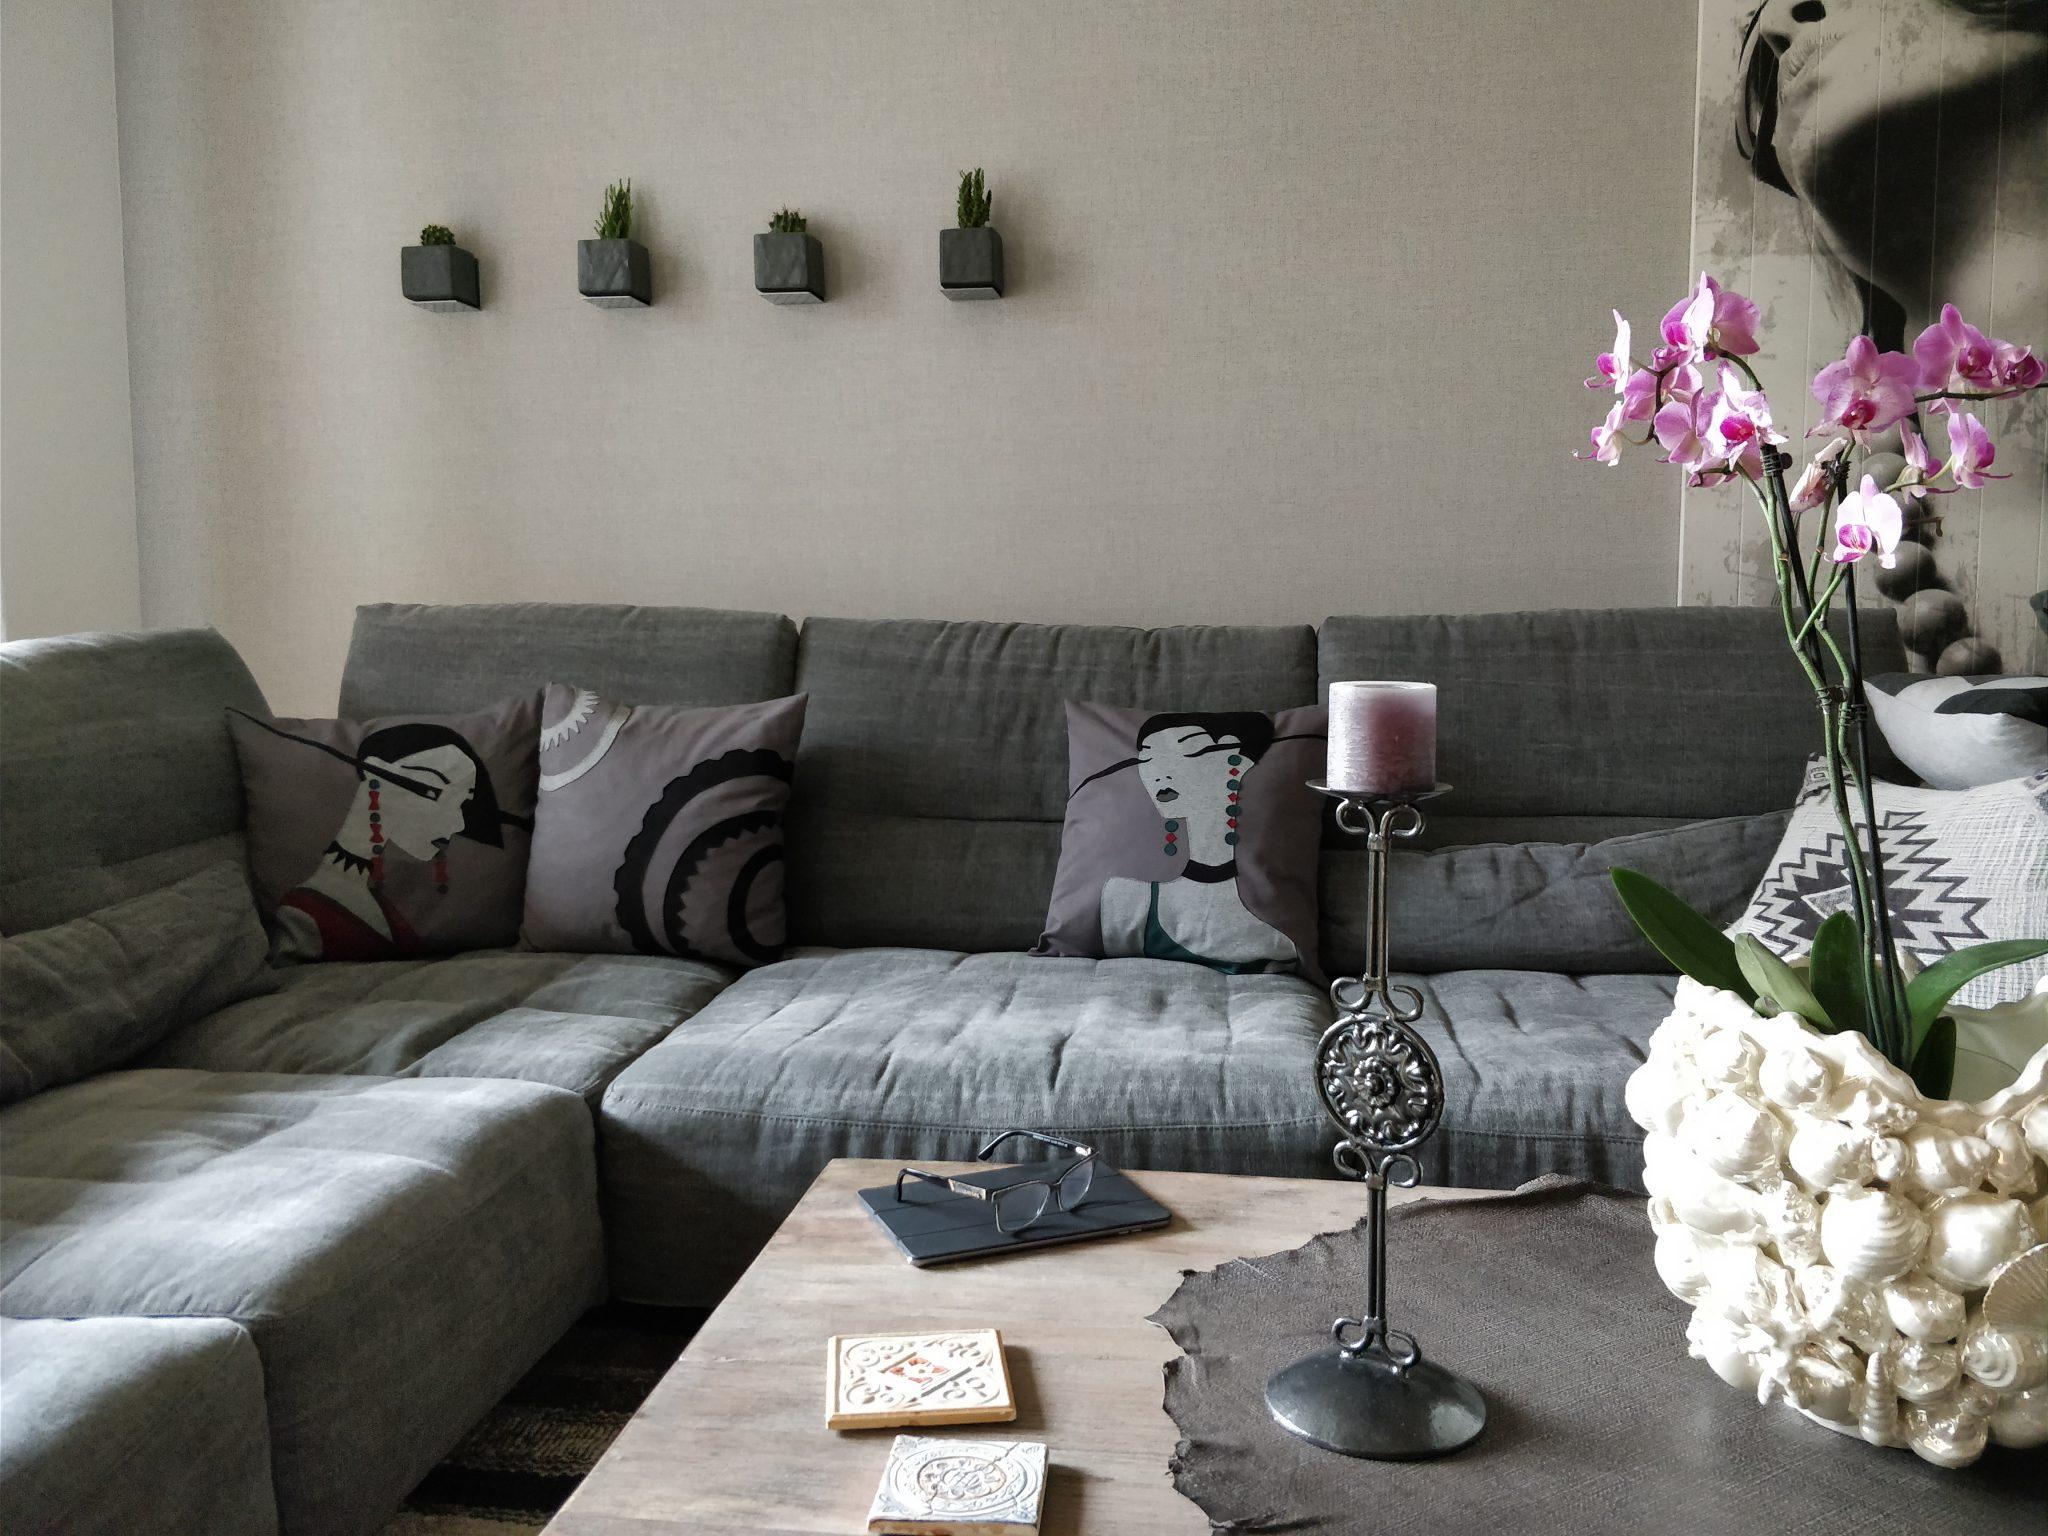 """Dekokissen / Zierkissen / Designkissen Set """"Cosma, Gear & Xenia"""" auf anthrazit-farbenem Sofa im Ambiente"""